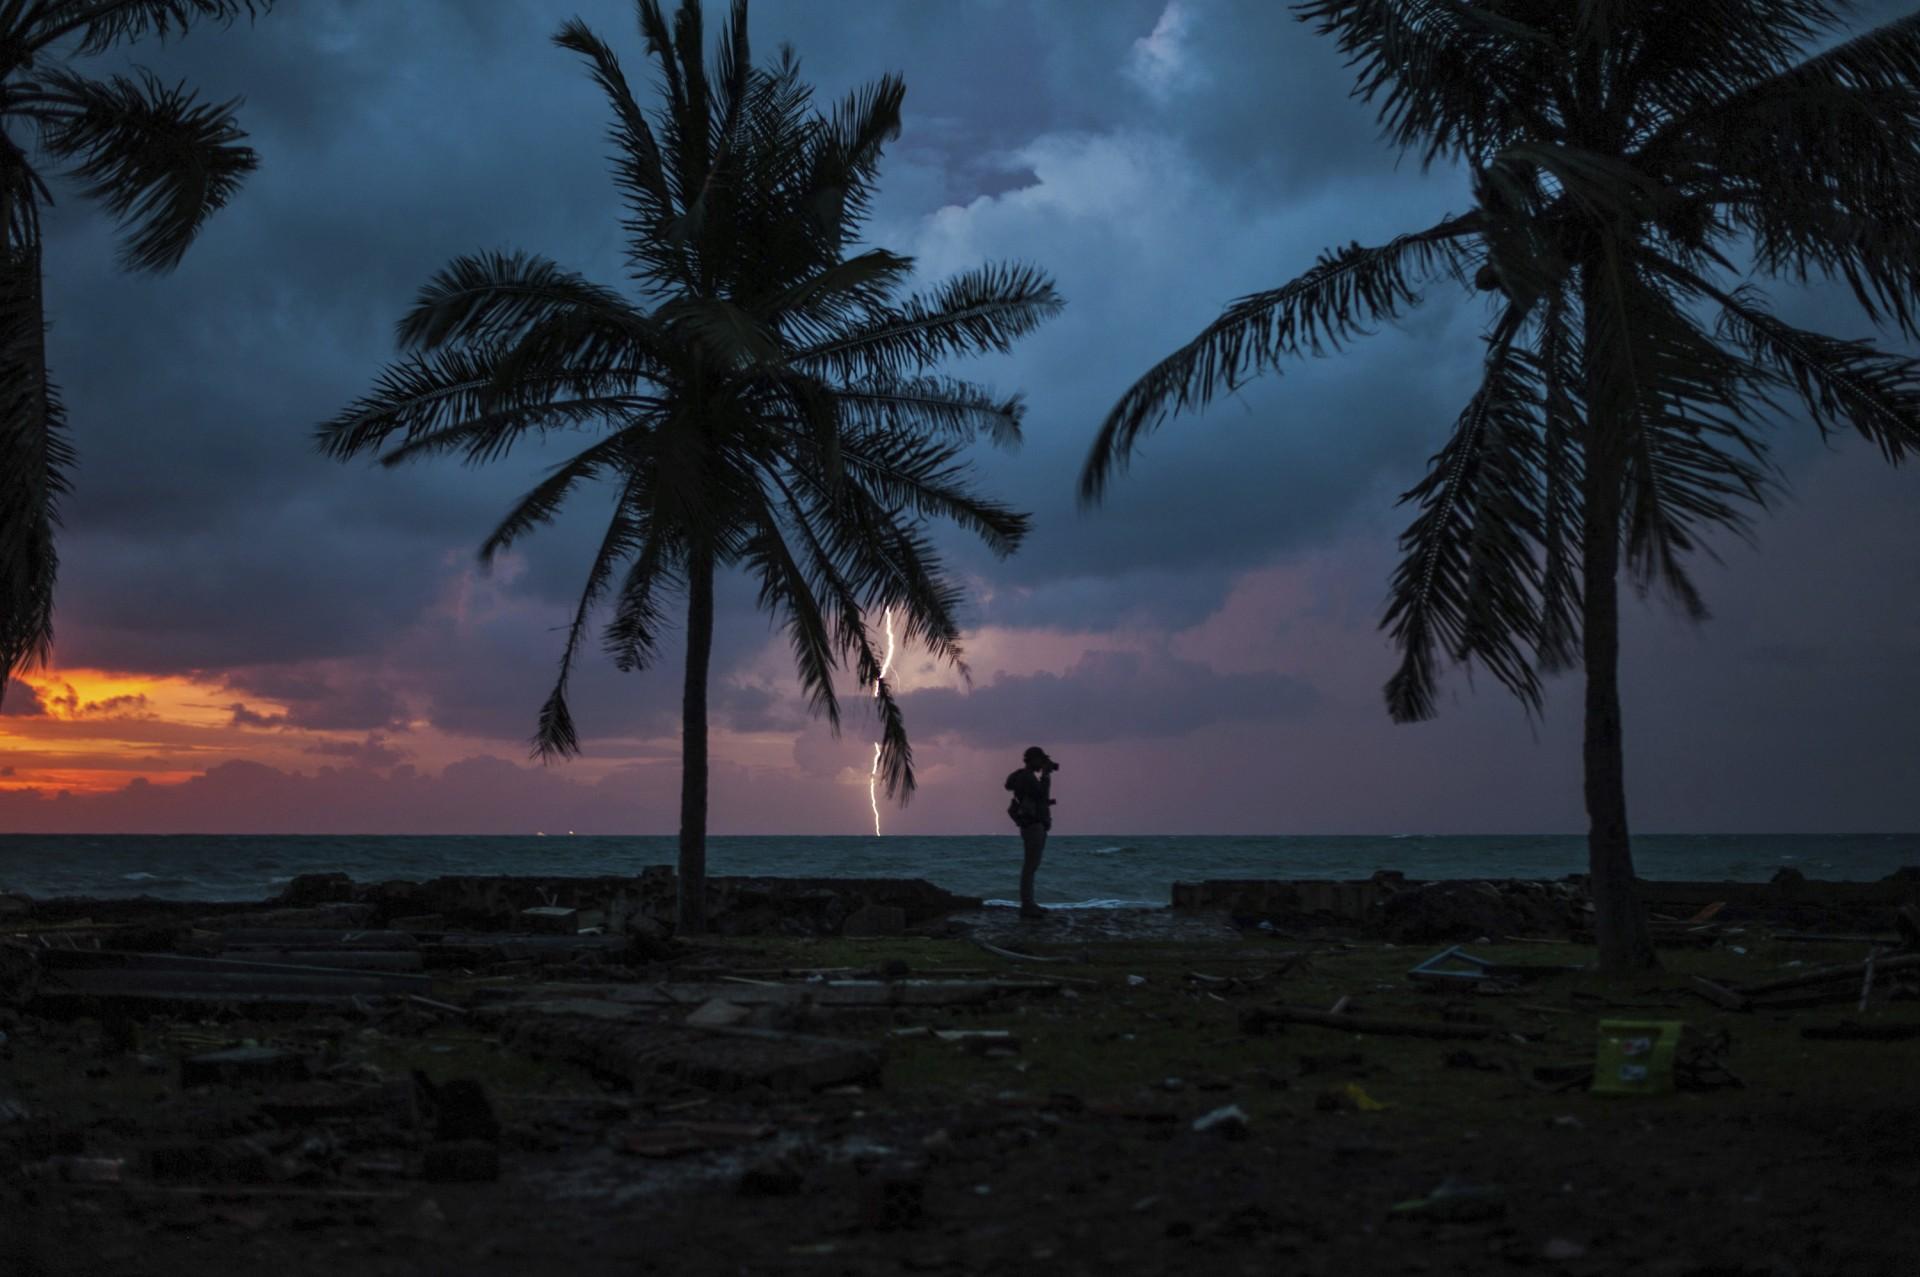 La puesta de sol siluetea a un reportero gráfico con un rayo en un centro turístico afectado por el tsunami del sábado en Indonesia, el martes 25 de diciembre de 2018.